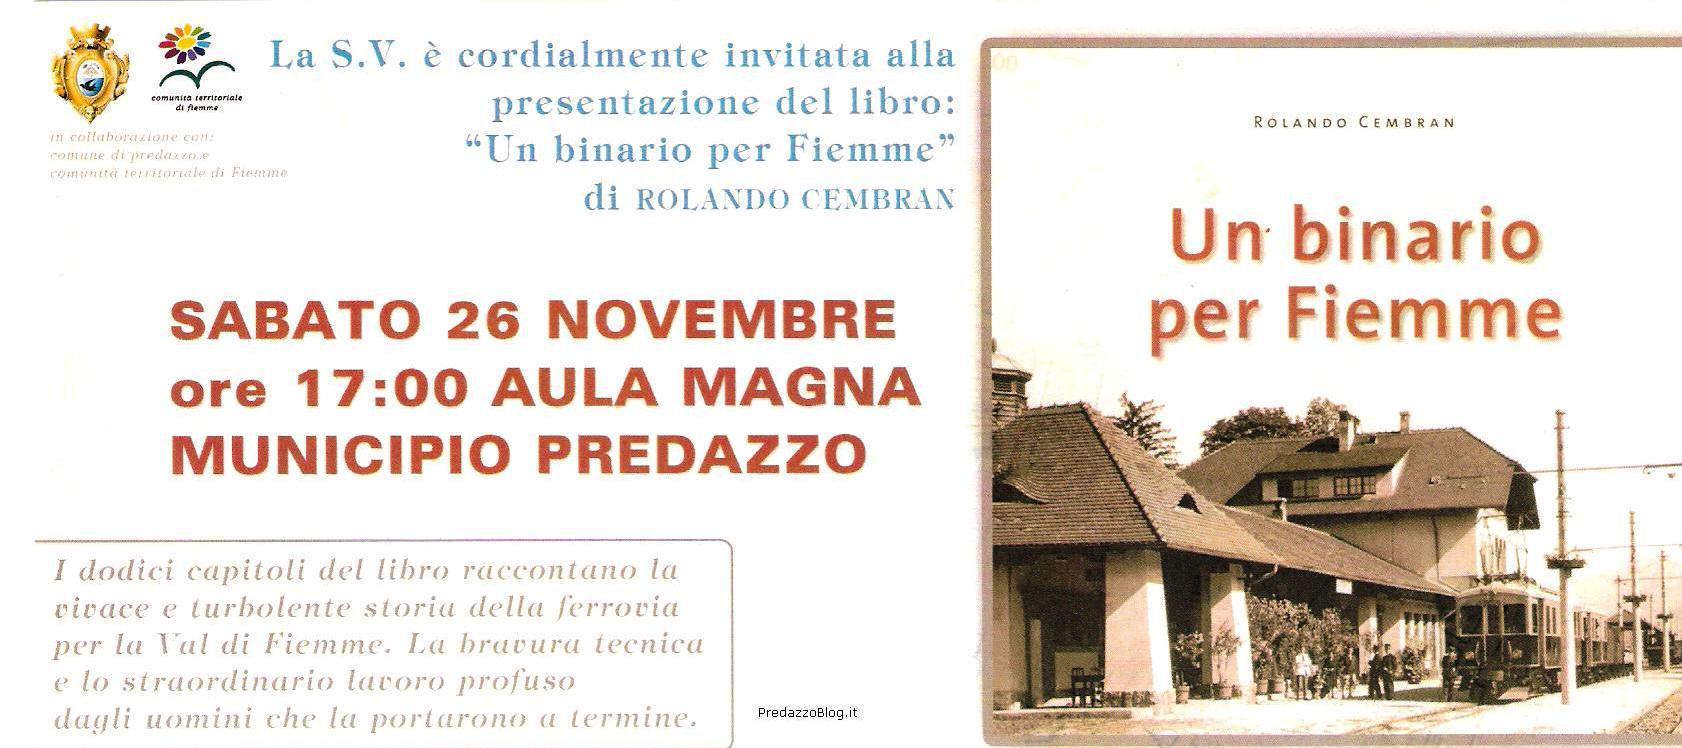 un binario per fiemme predazzo blog Predazzo, presentazione del libro: Un binario per Fiemme, di Rolando Cembran